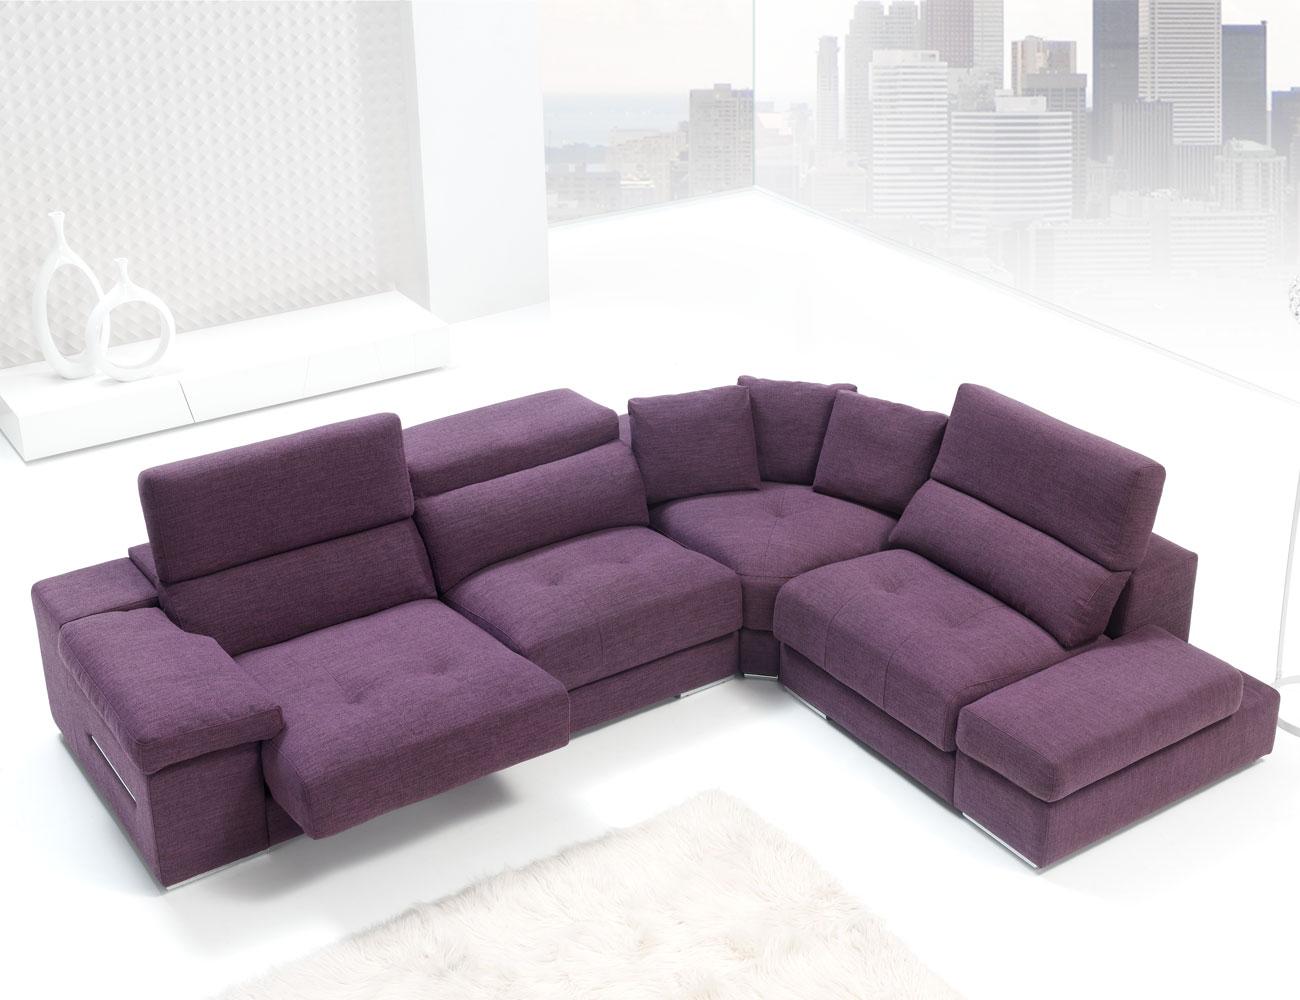 Sofa chaiselongue rincon con brazo mecanico tejido anti manchas 276